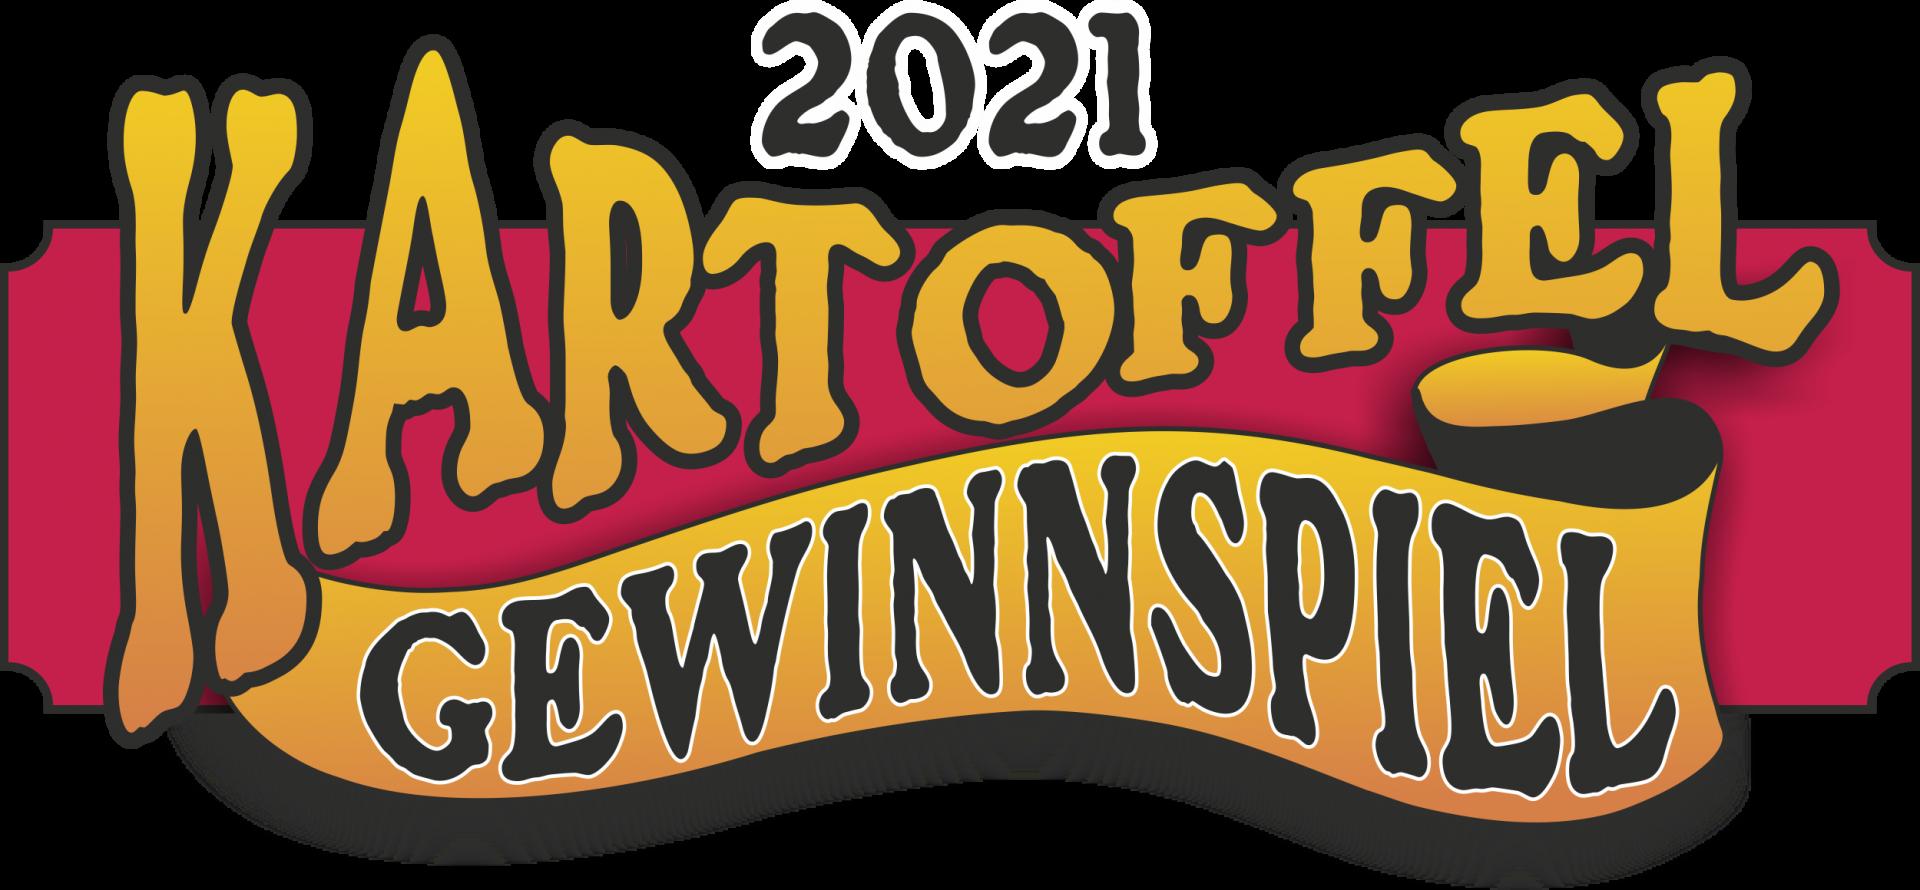 Gewinnspiel 2021